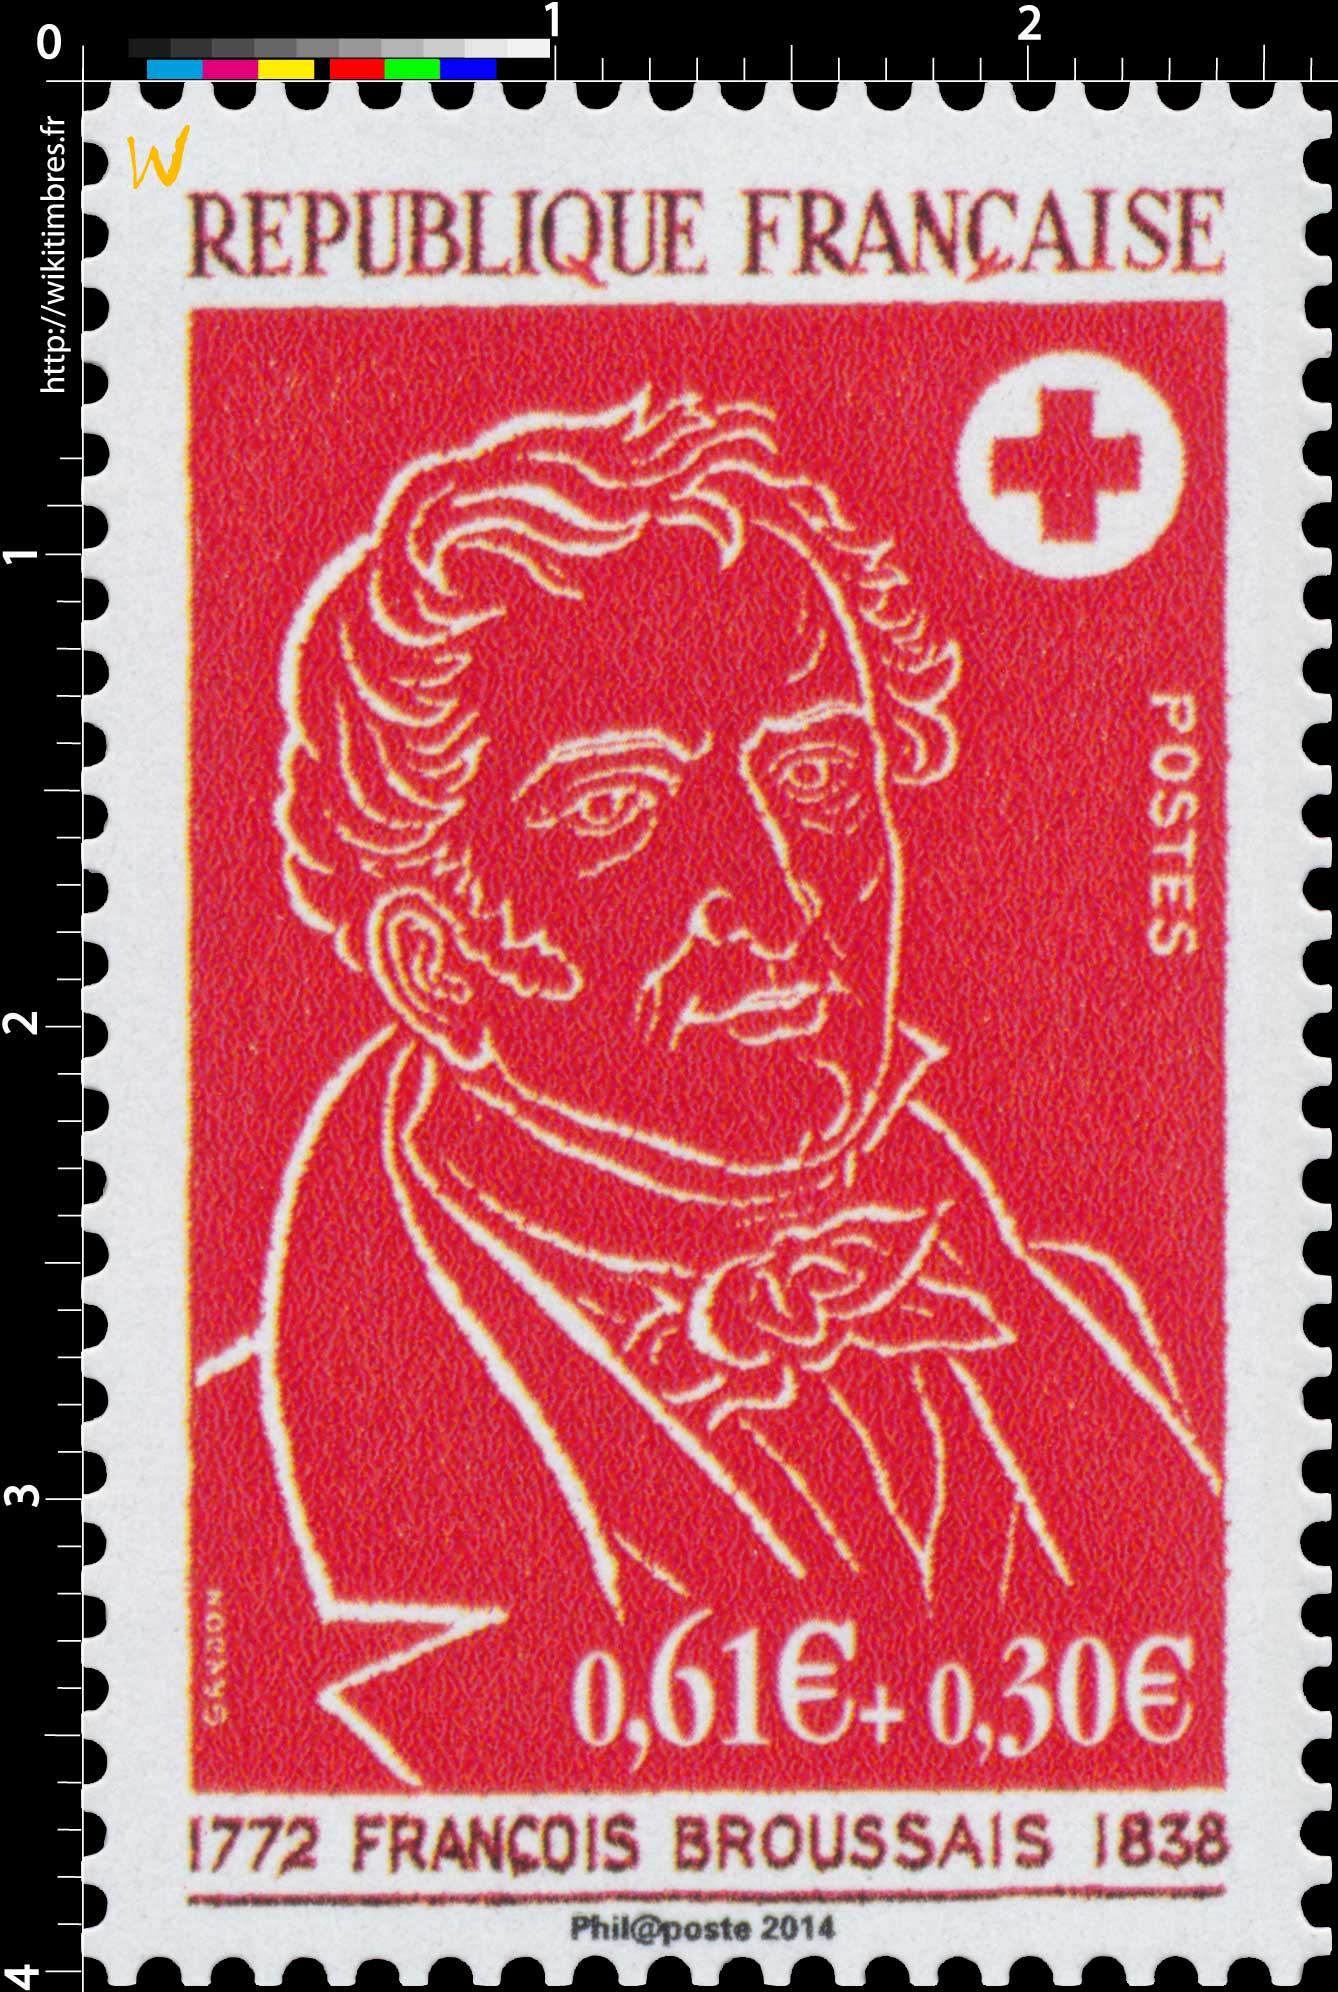 2014 FRANÇOIS BROUSSAIS 1772 1838